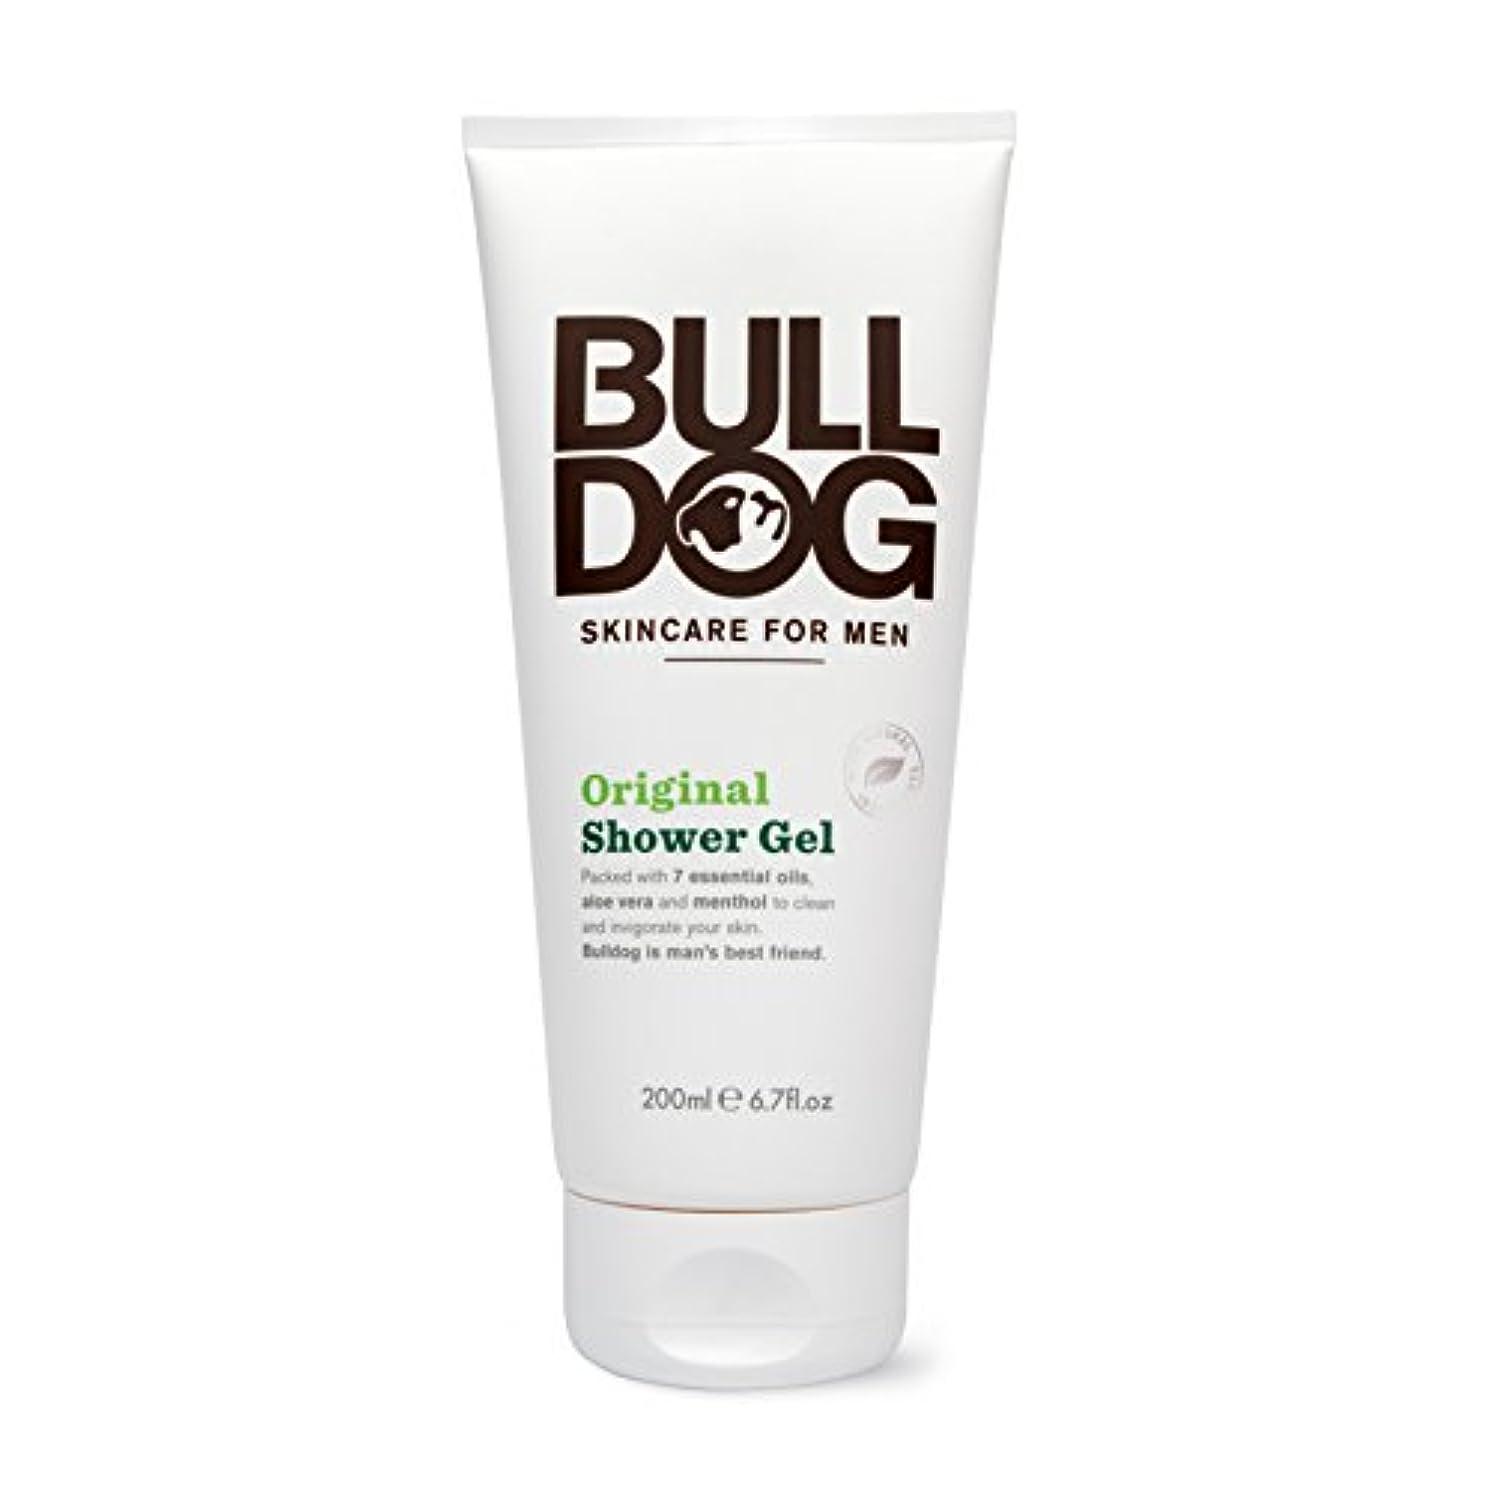 四の前で有名ブルドッグ Bulldog オリジナル シャワージェル(ボディ用洗浄料) 200mL